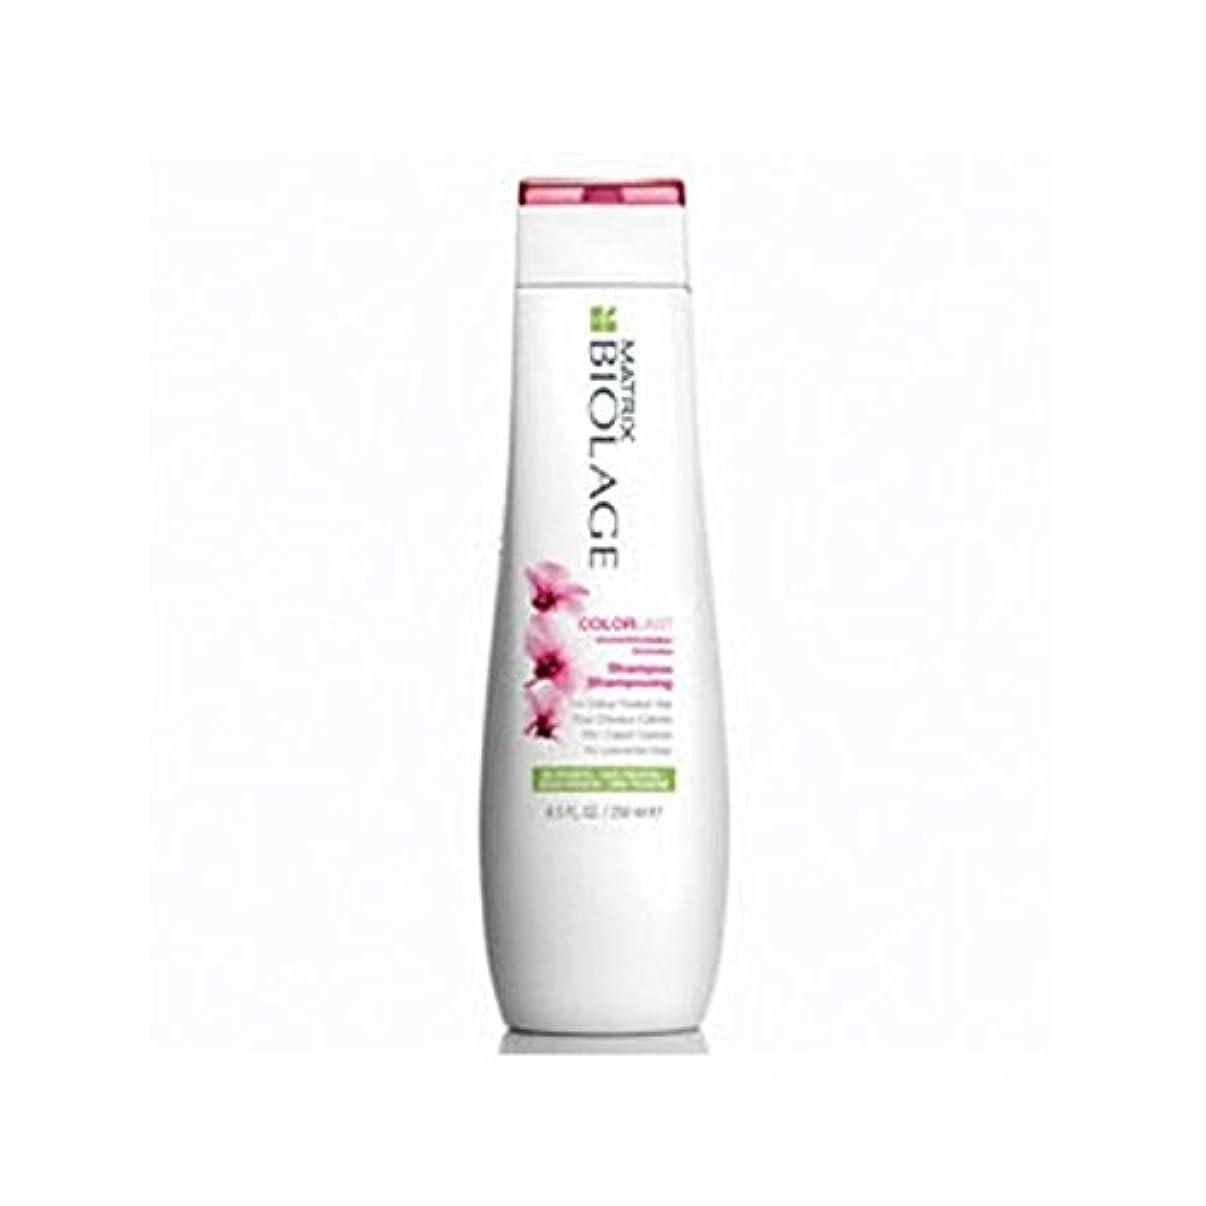 区別するバラバラにするセレナMatrix Biolage Colorlast Shampoo (250ml) (Pack of 6) - マトリックスバイオレイジのシャンプー(250ミリリットル) x6 [並行輸入品]